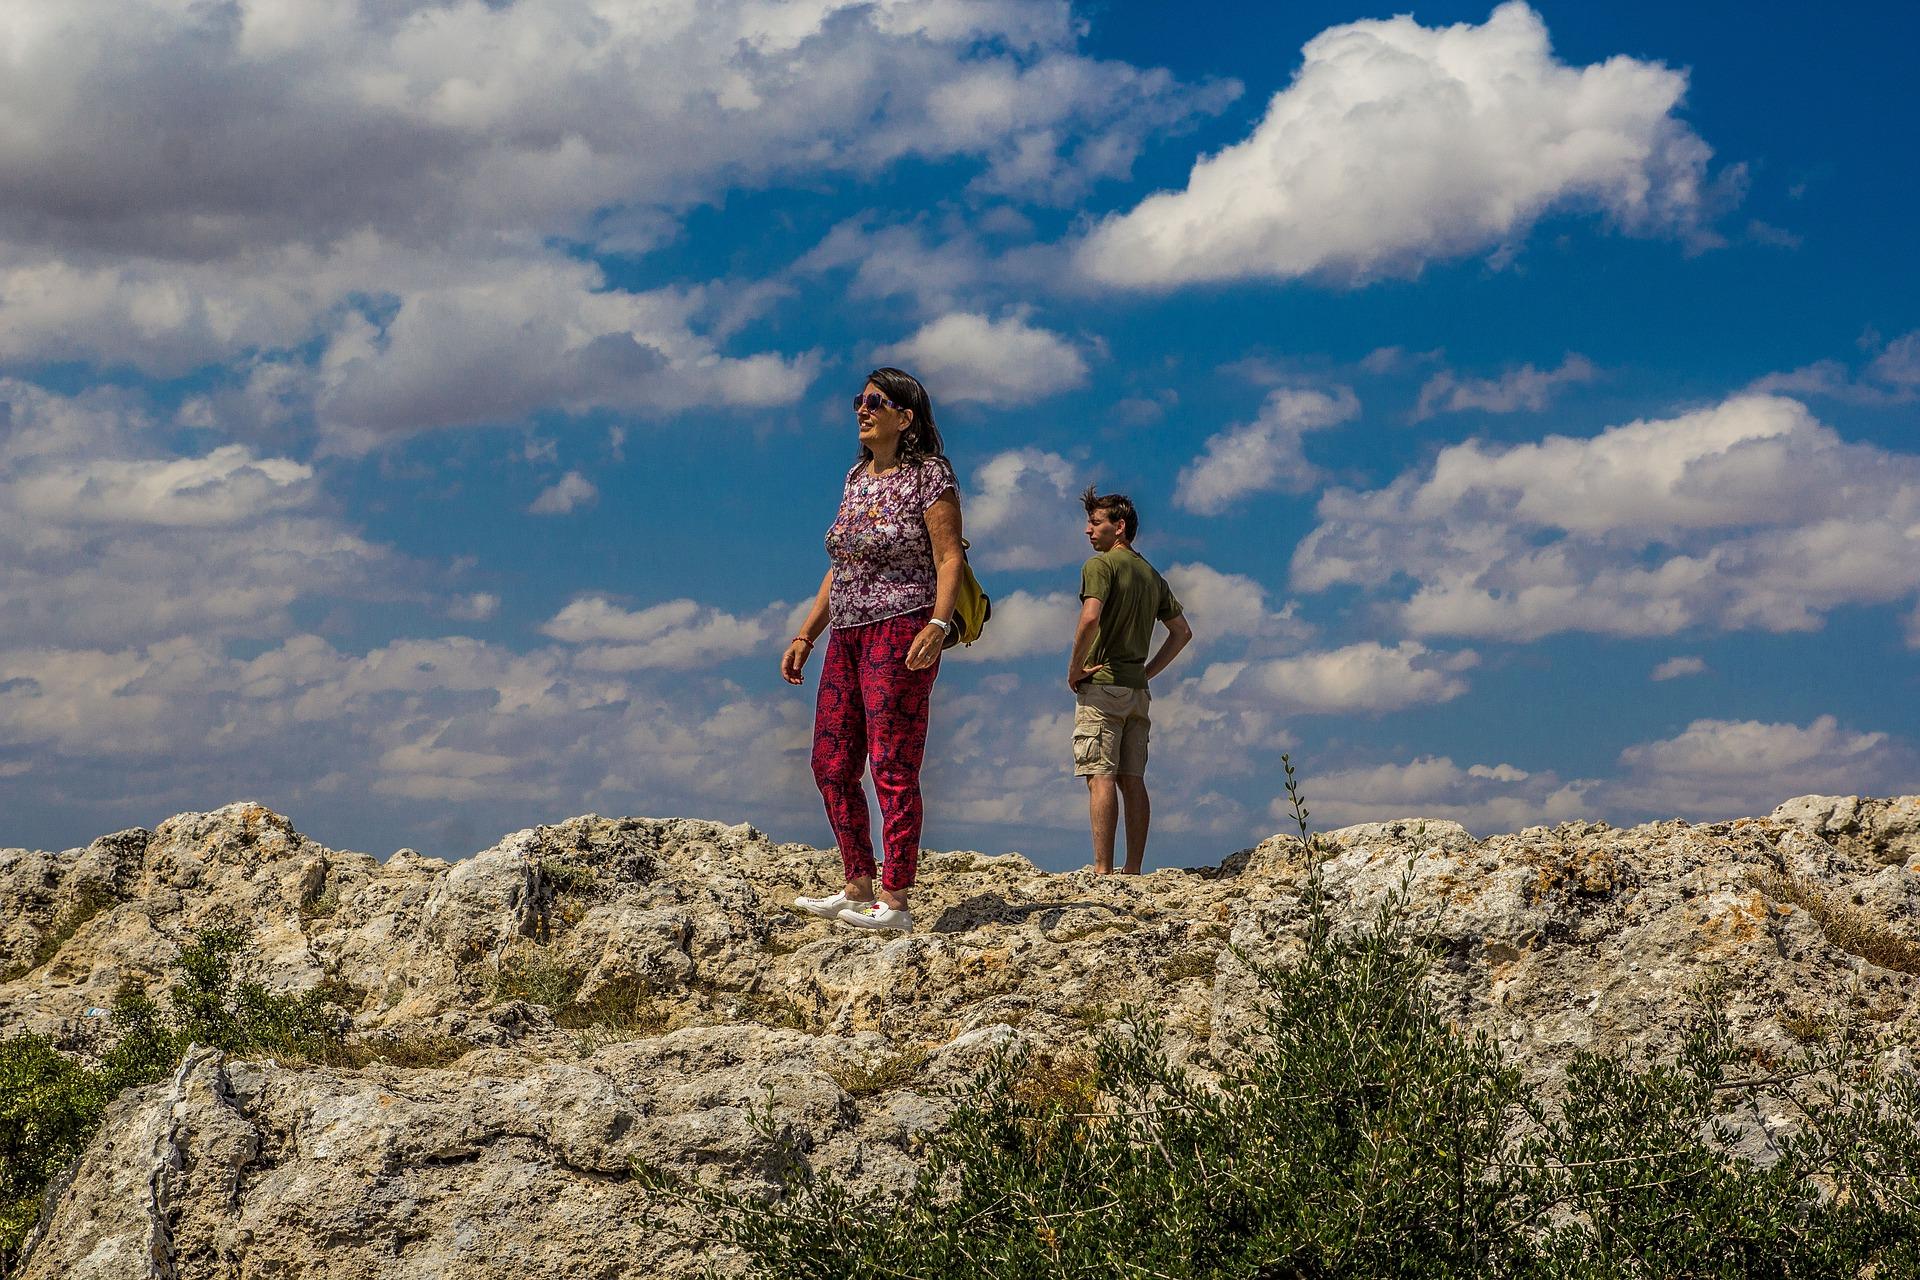 In Basilicata è nascosto un segreto naturalistico di rara bellezza: benvenuti nelle Gravide di Matera, i canyon italiani